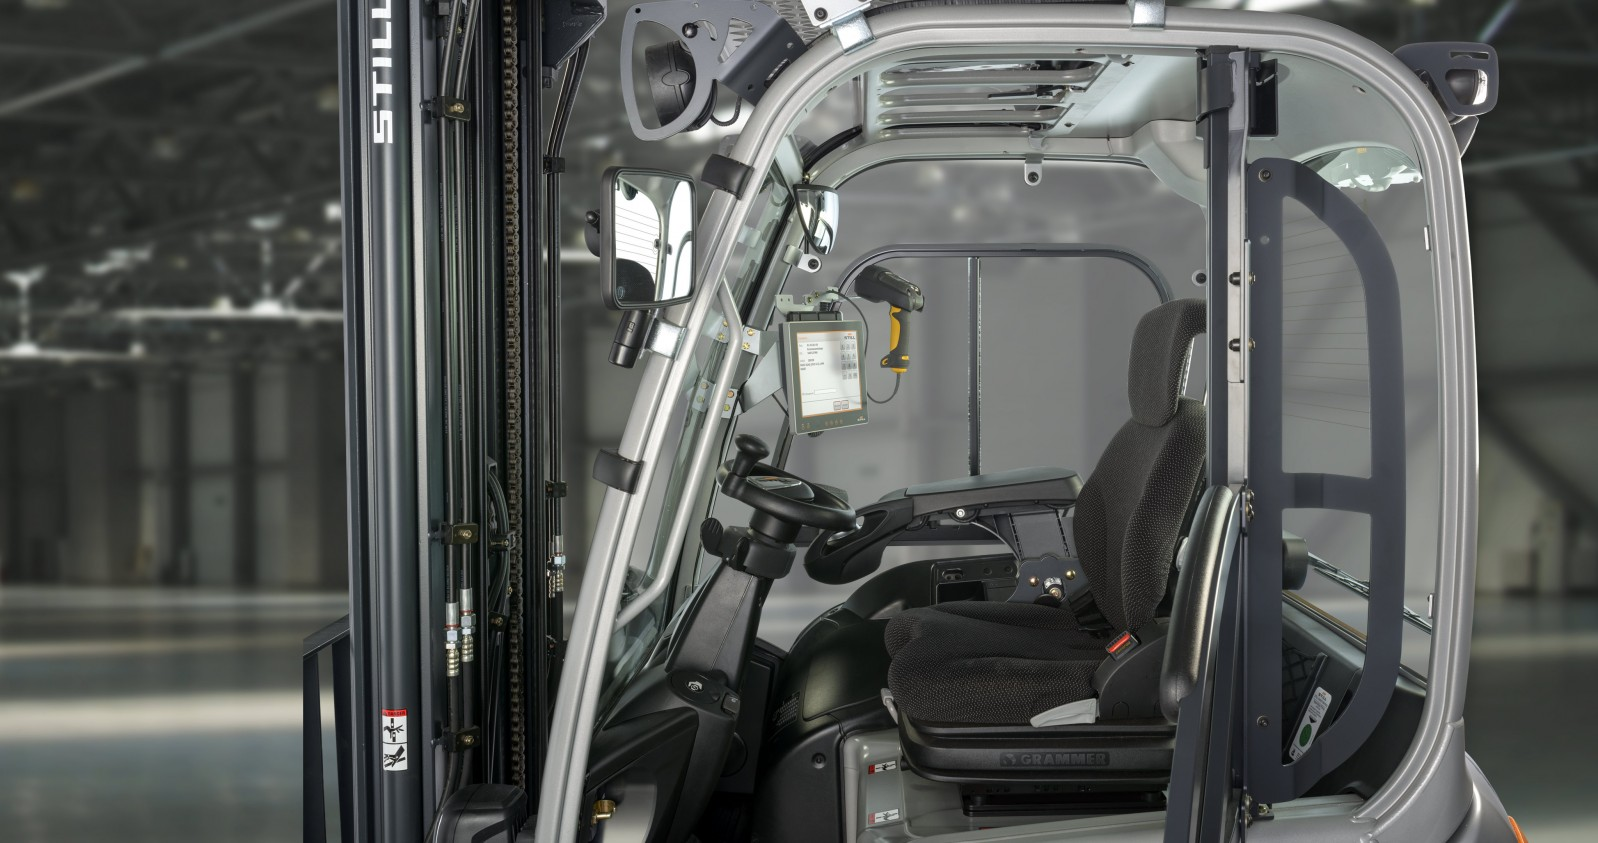 Système de pilotage des chariots et des transports